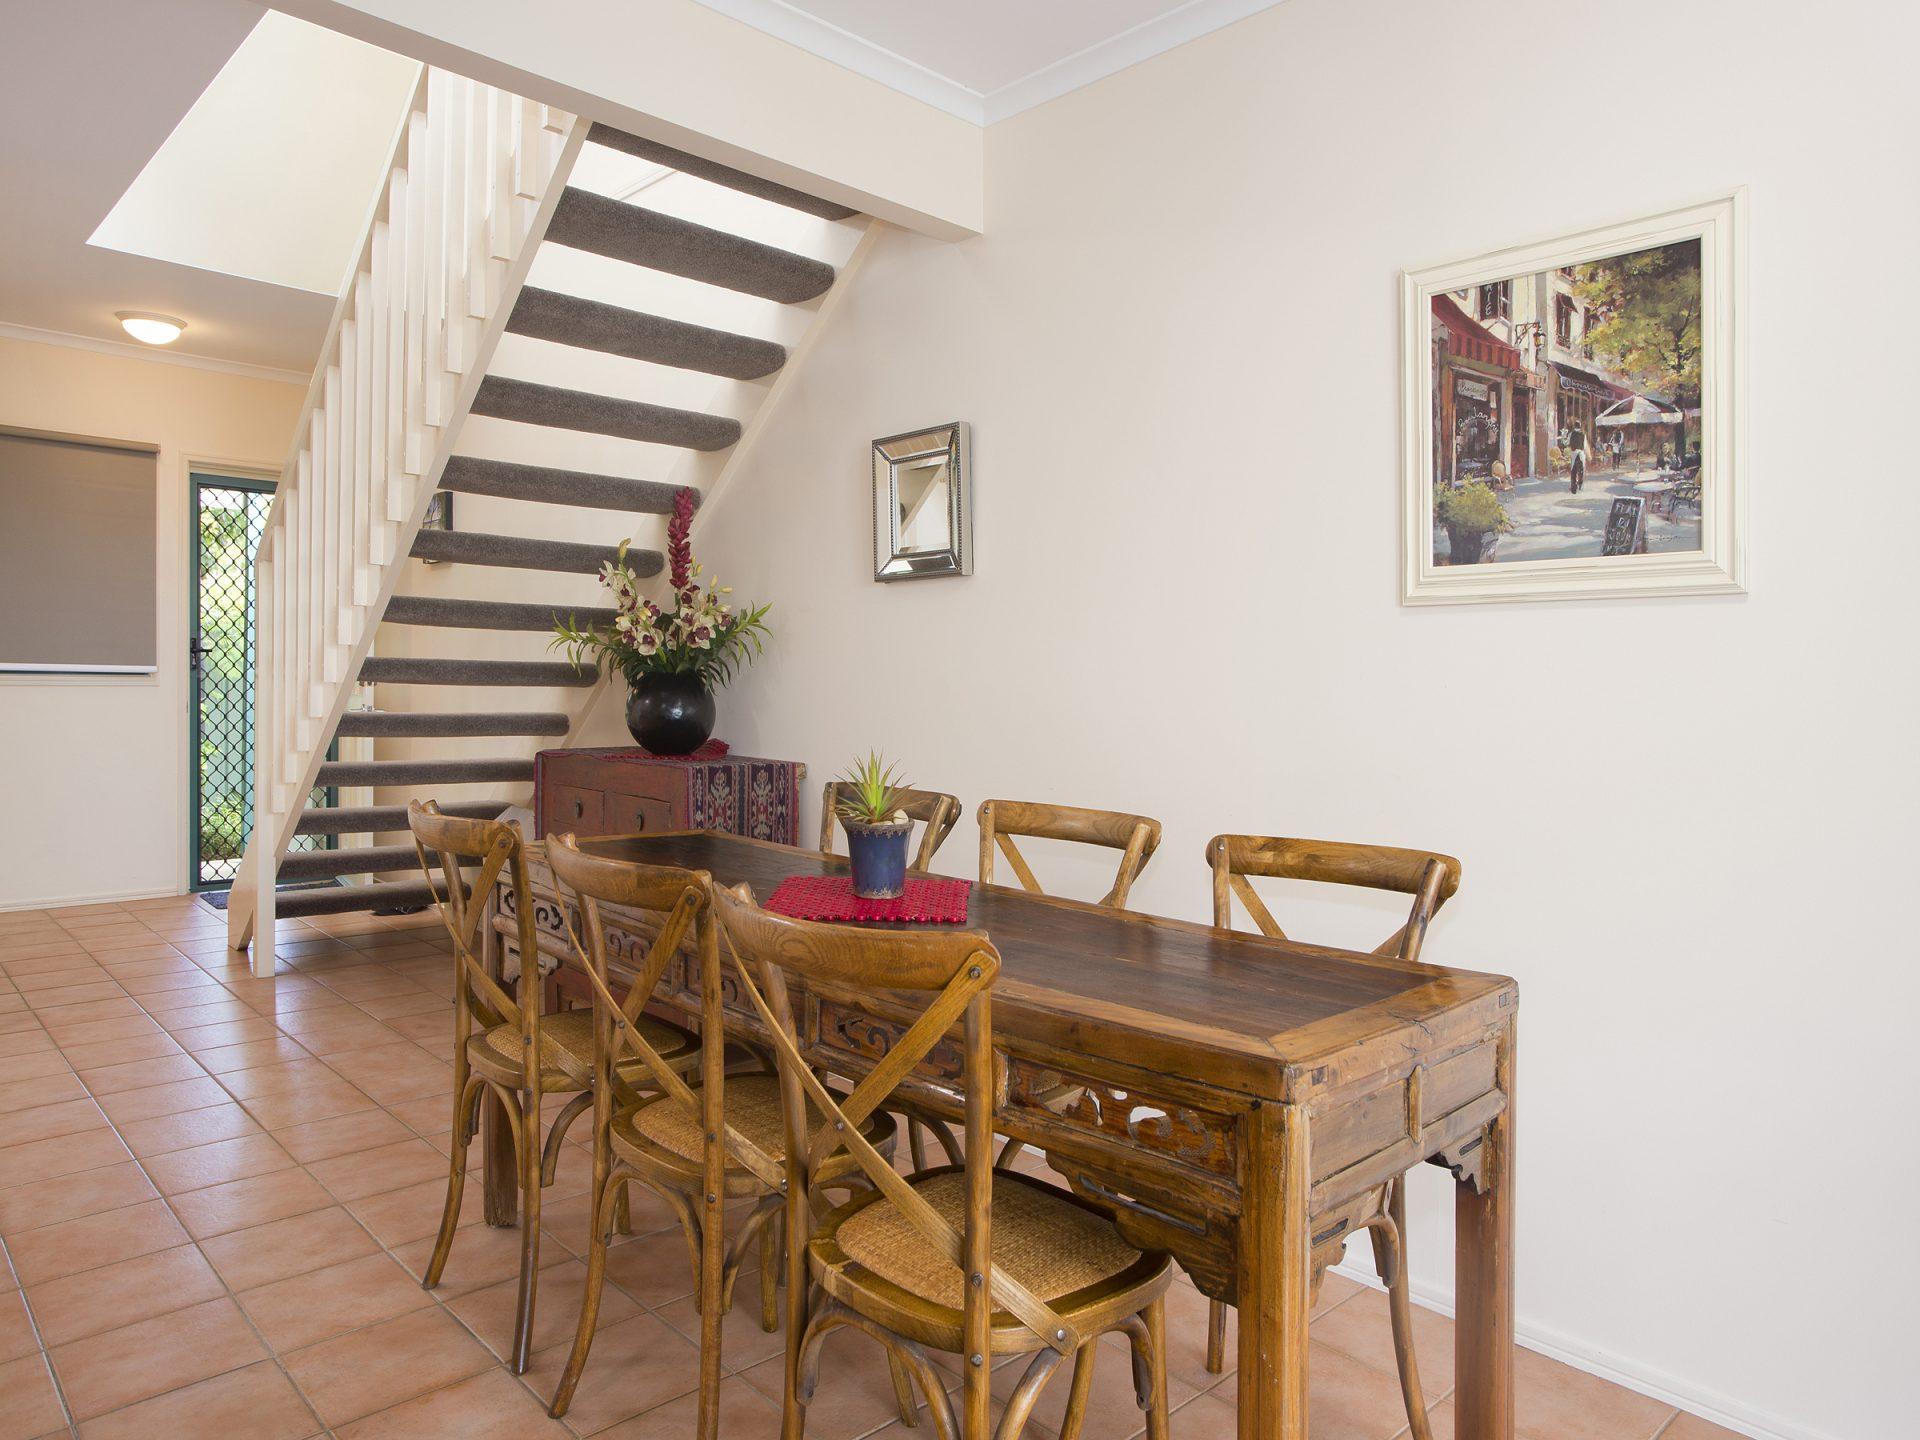 Terrapin 2 Bedroom Apartment - Unit 10